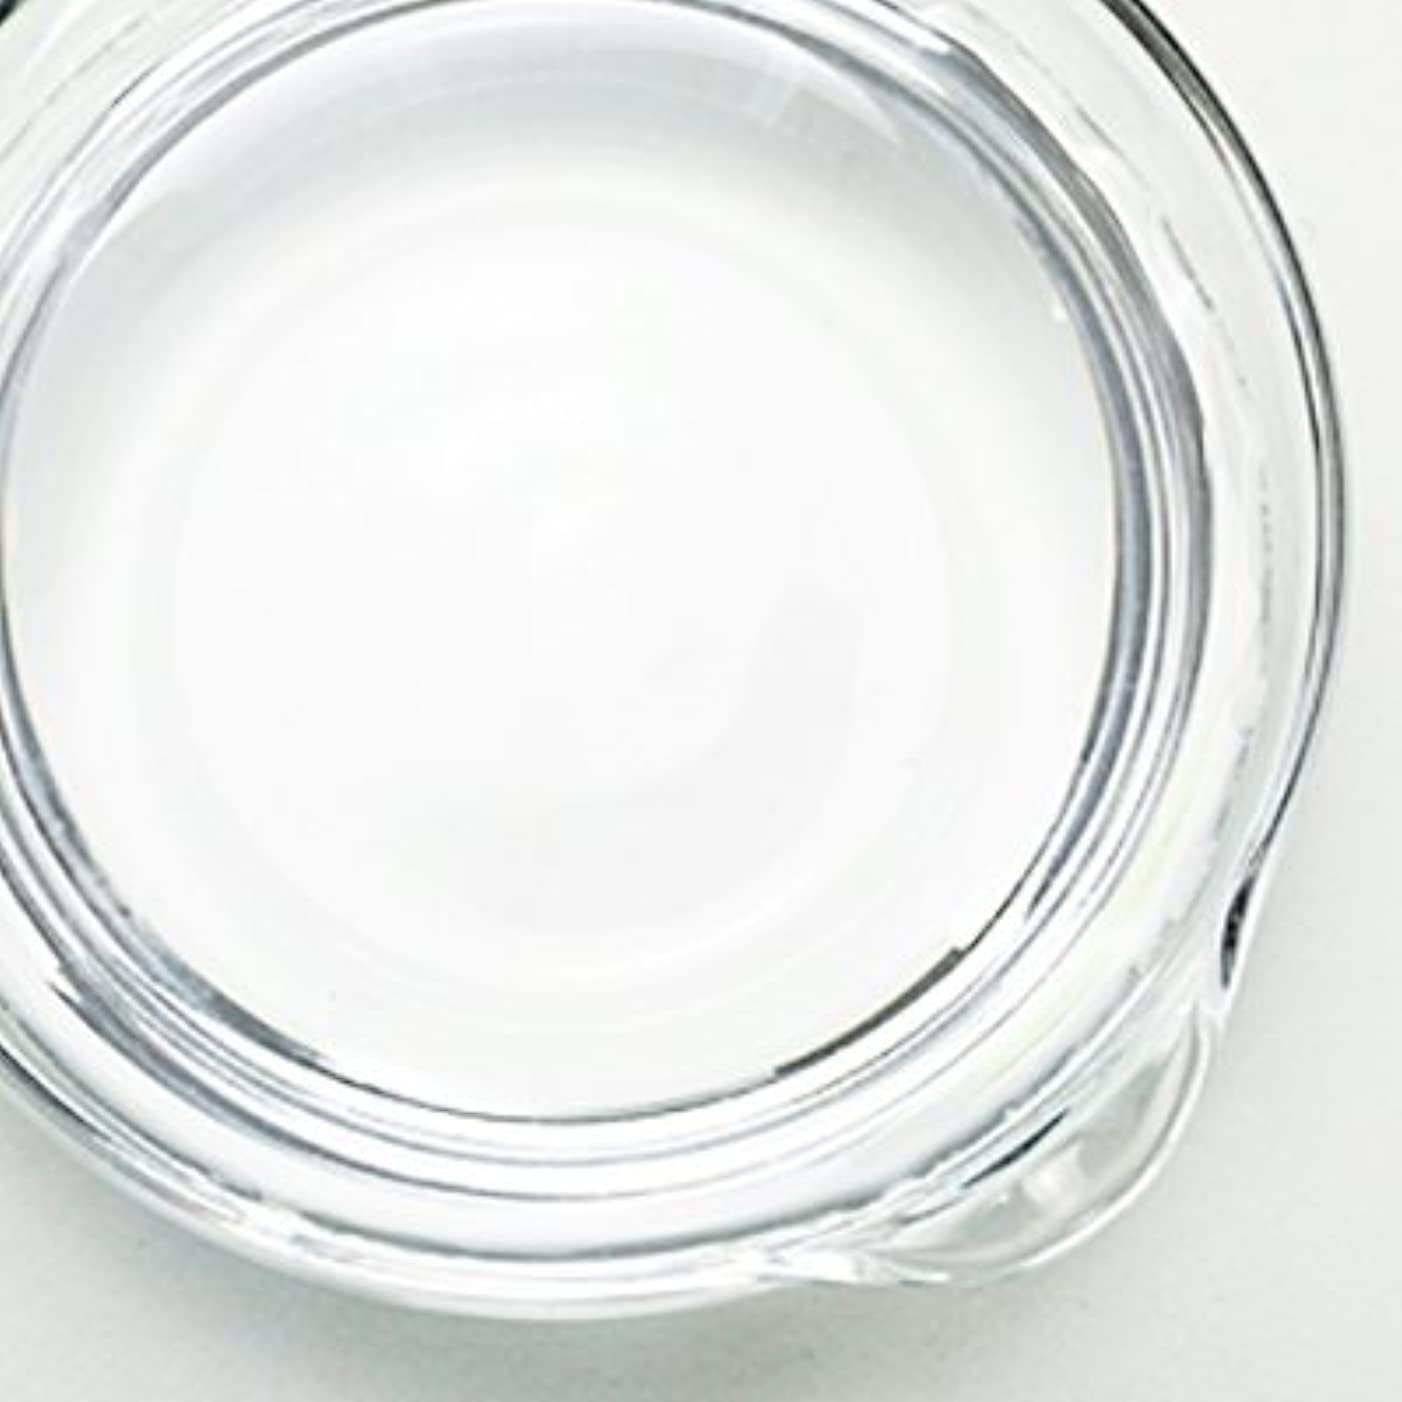 ツール専門用語風変わりな1,3-ブチレングリコール[BG] 500ml 【手作り石鹸/手作りコスメ】